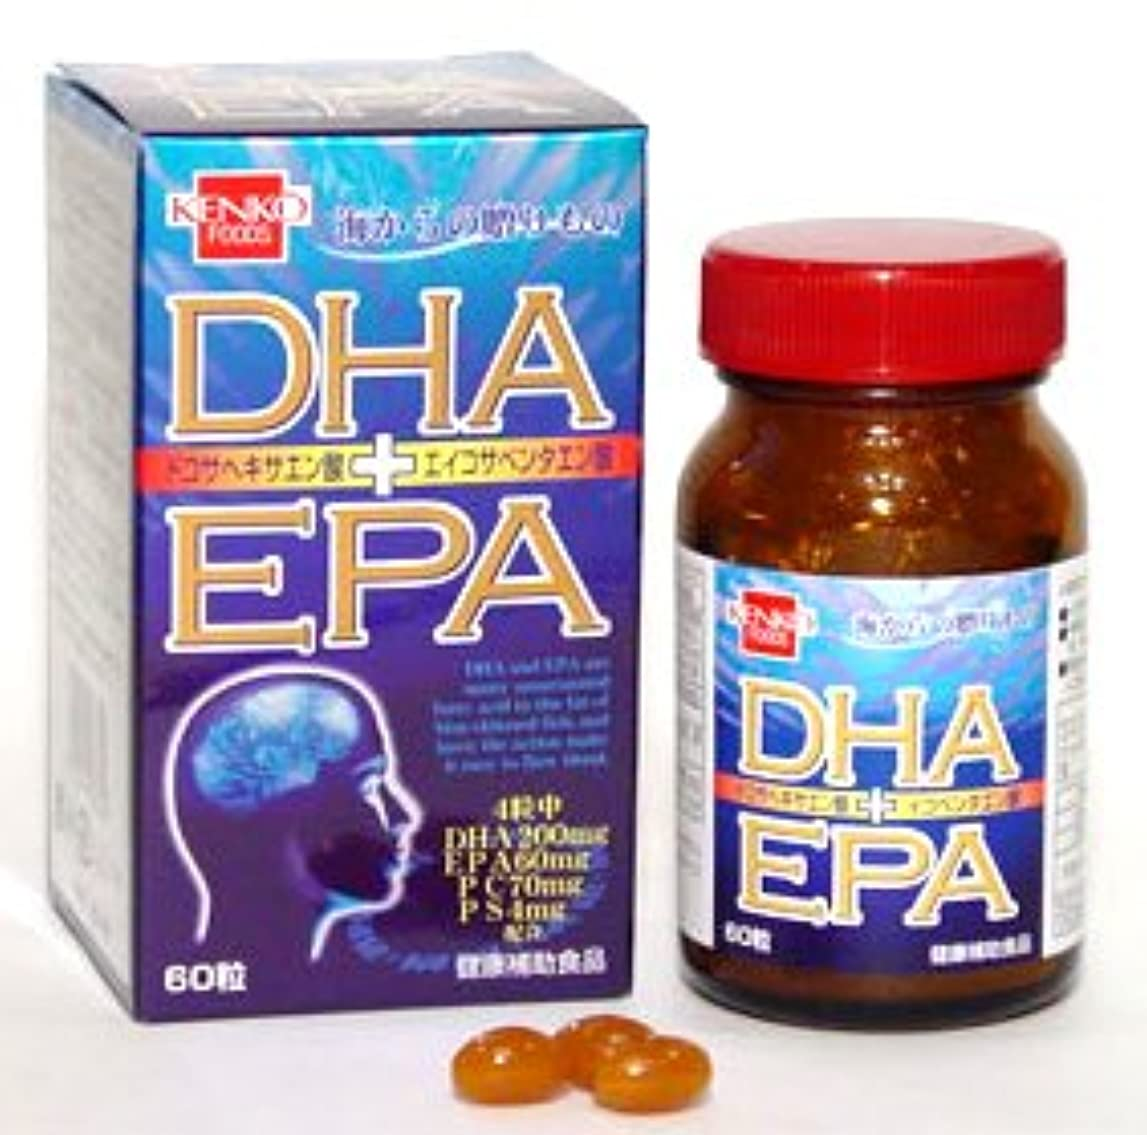 すなわち次へ弁護士DHA?EPA(単品)健康フーズ